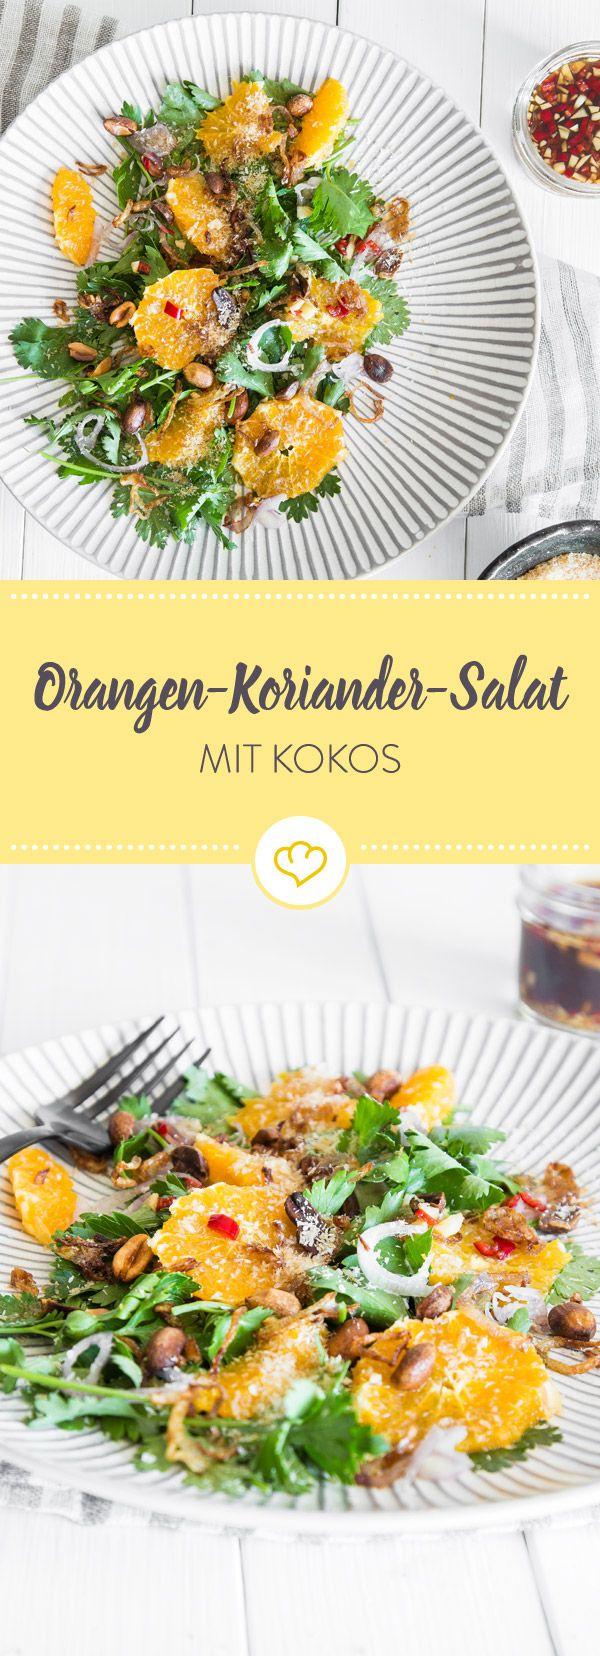 Salat wird niemals langweilig. Heutige Bausteinchen in deiner exotischen Salatschüssel: Frucht, Kräuter und Nüsse - vermengt mit einem scharfen Dressing.